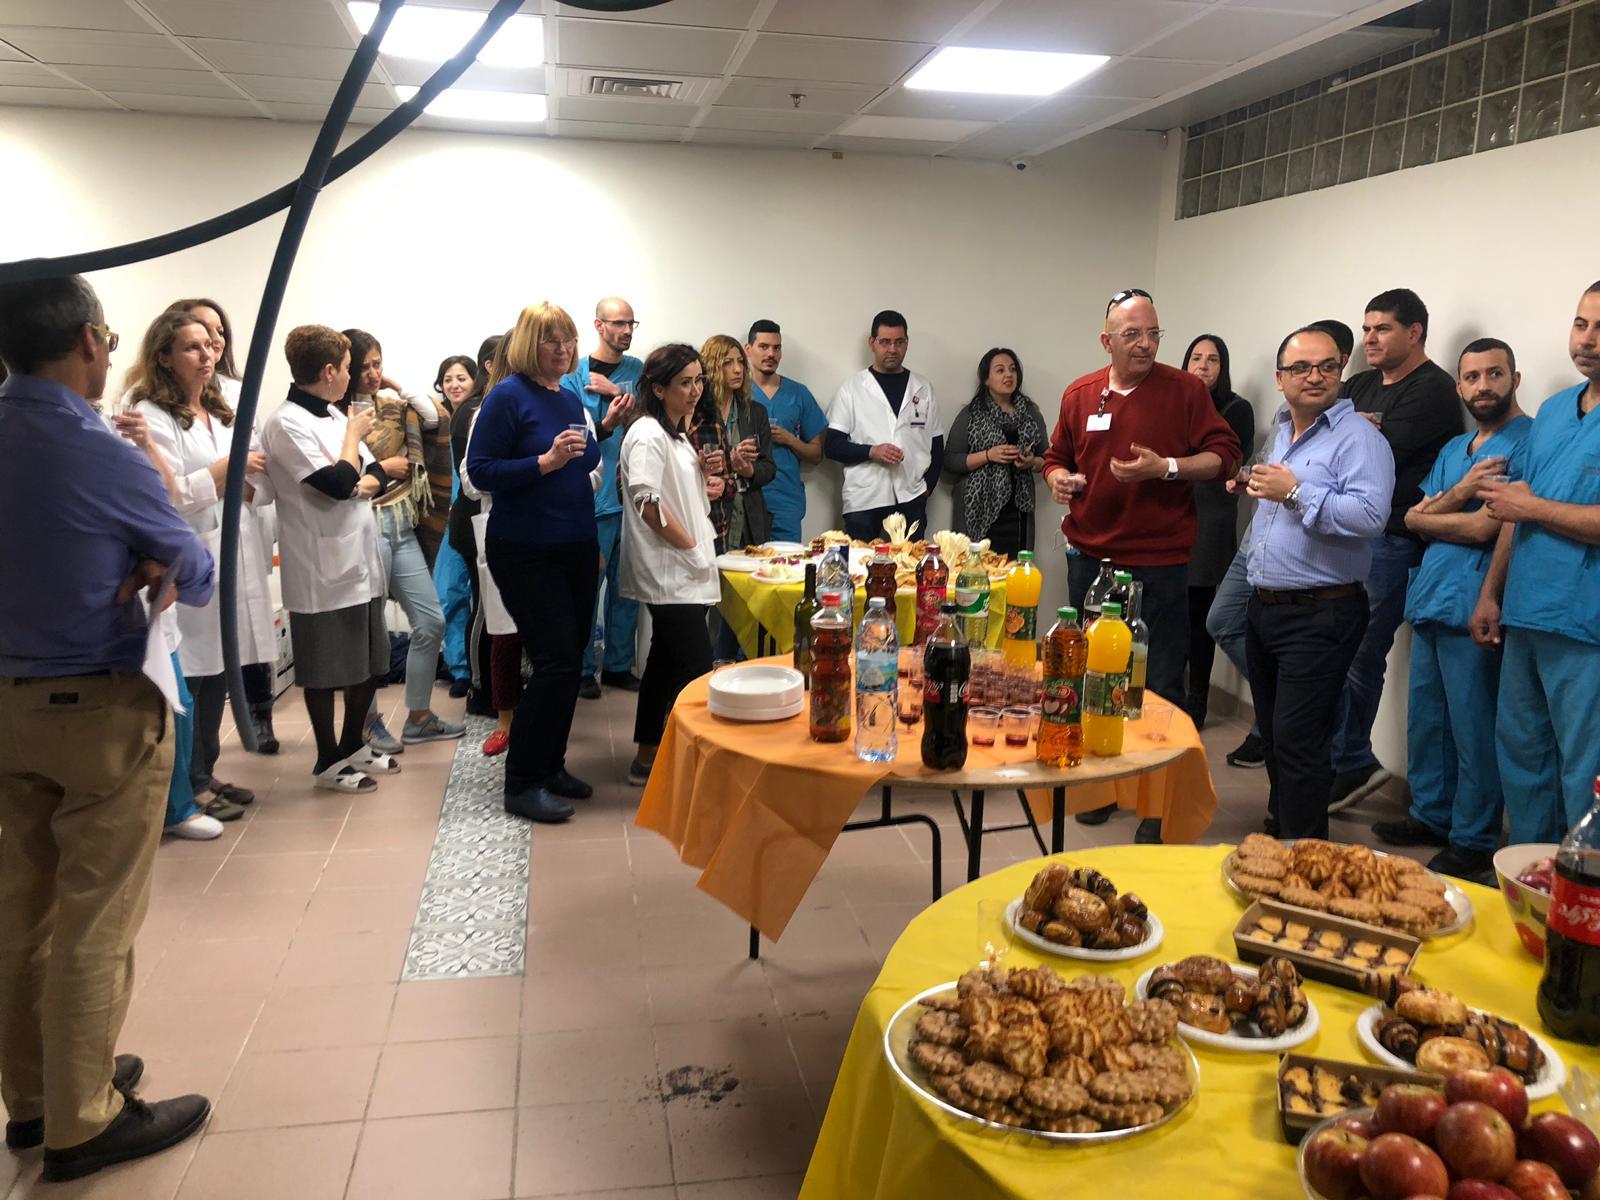 Varastoautomaatti integroituu Israelin terveysministeriön ylläpitämään SAP-toiminnanohjausjärjestelmään